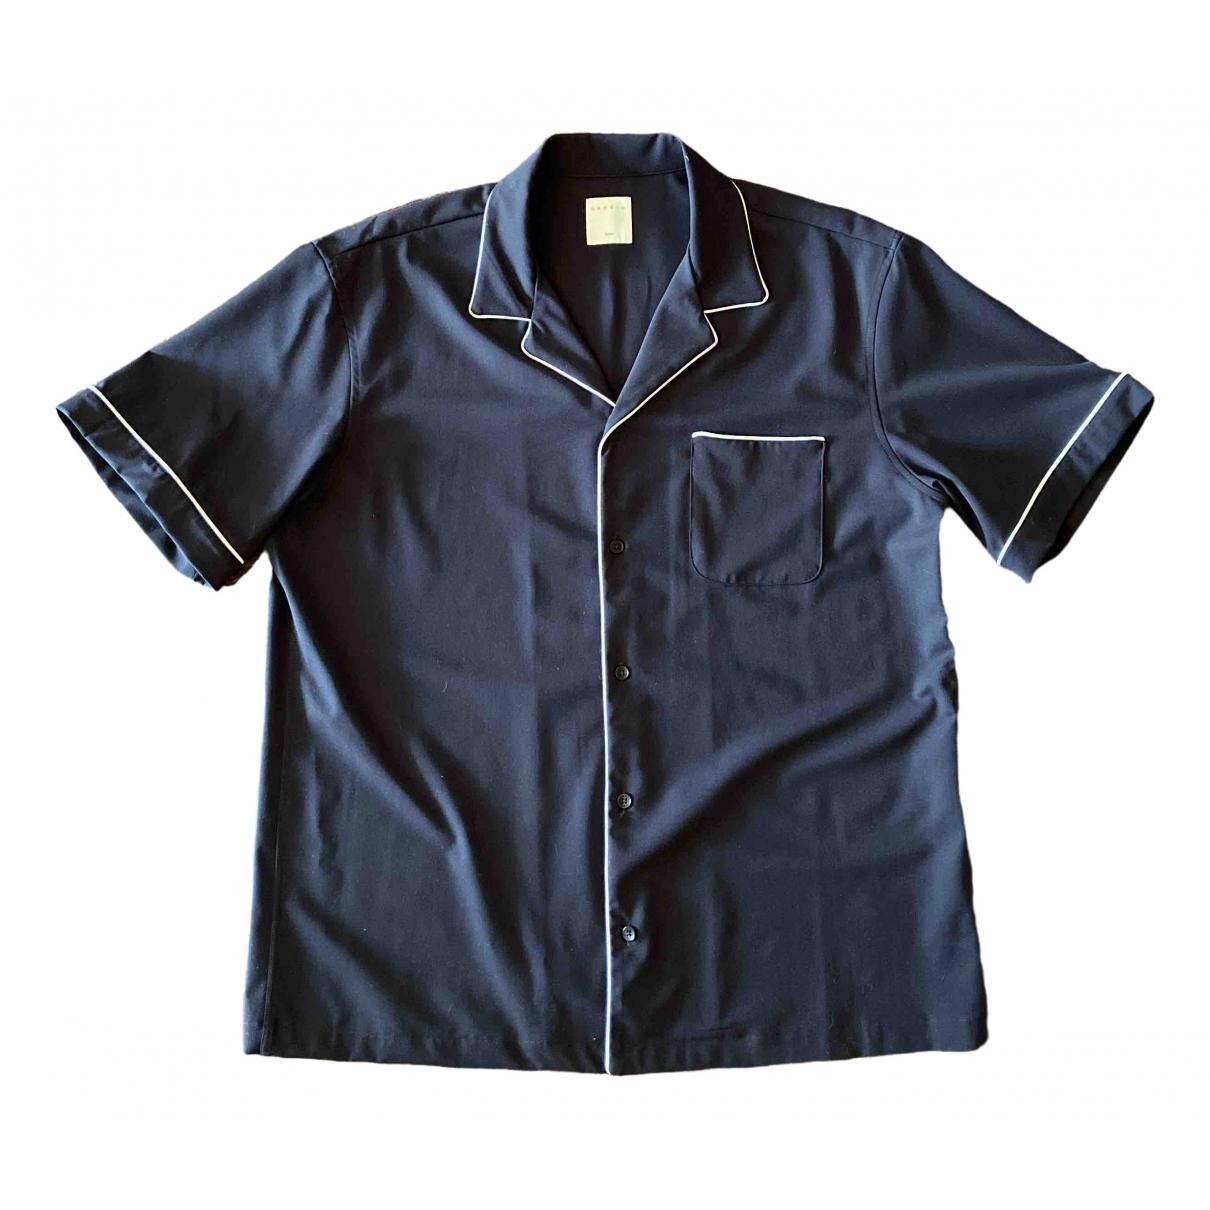 Sandro \N Hemden in  Schwarz Polyester